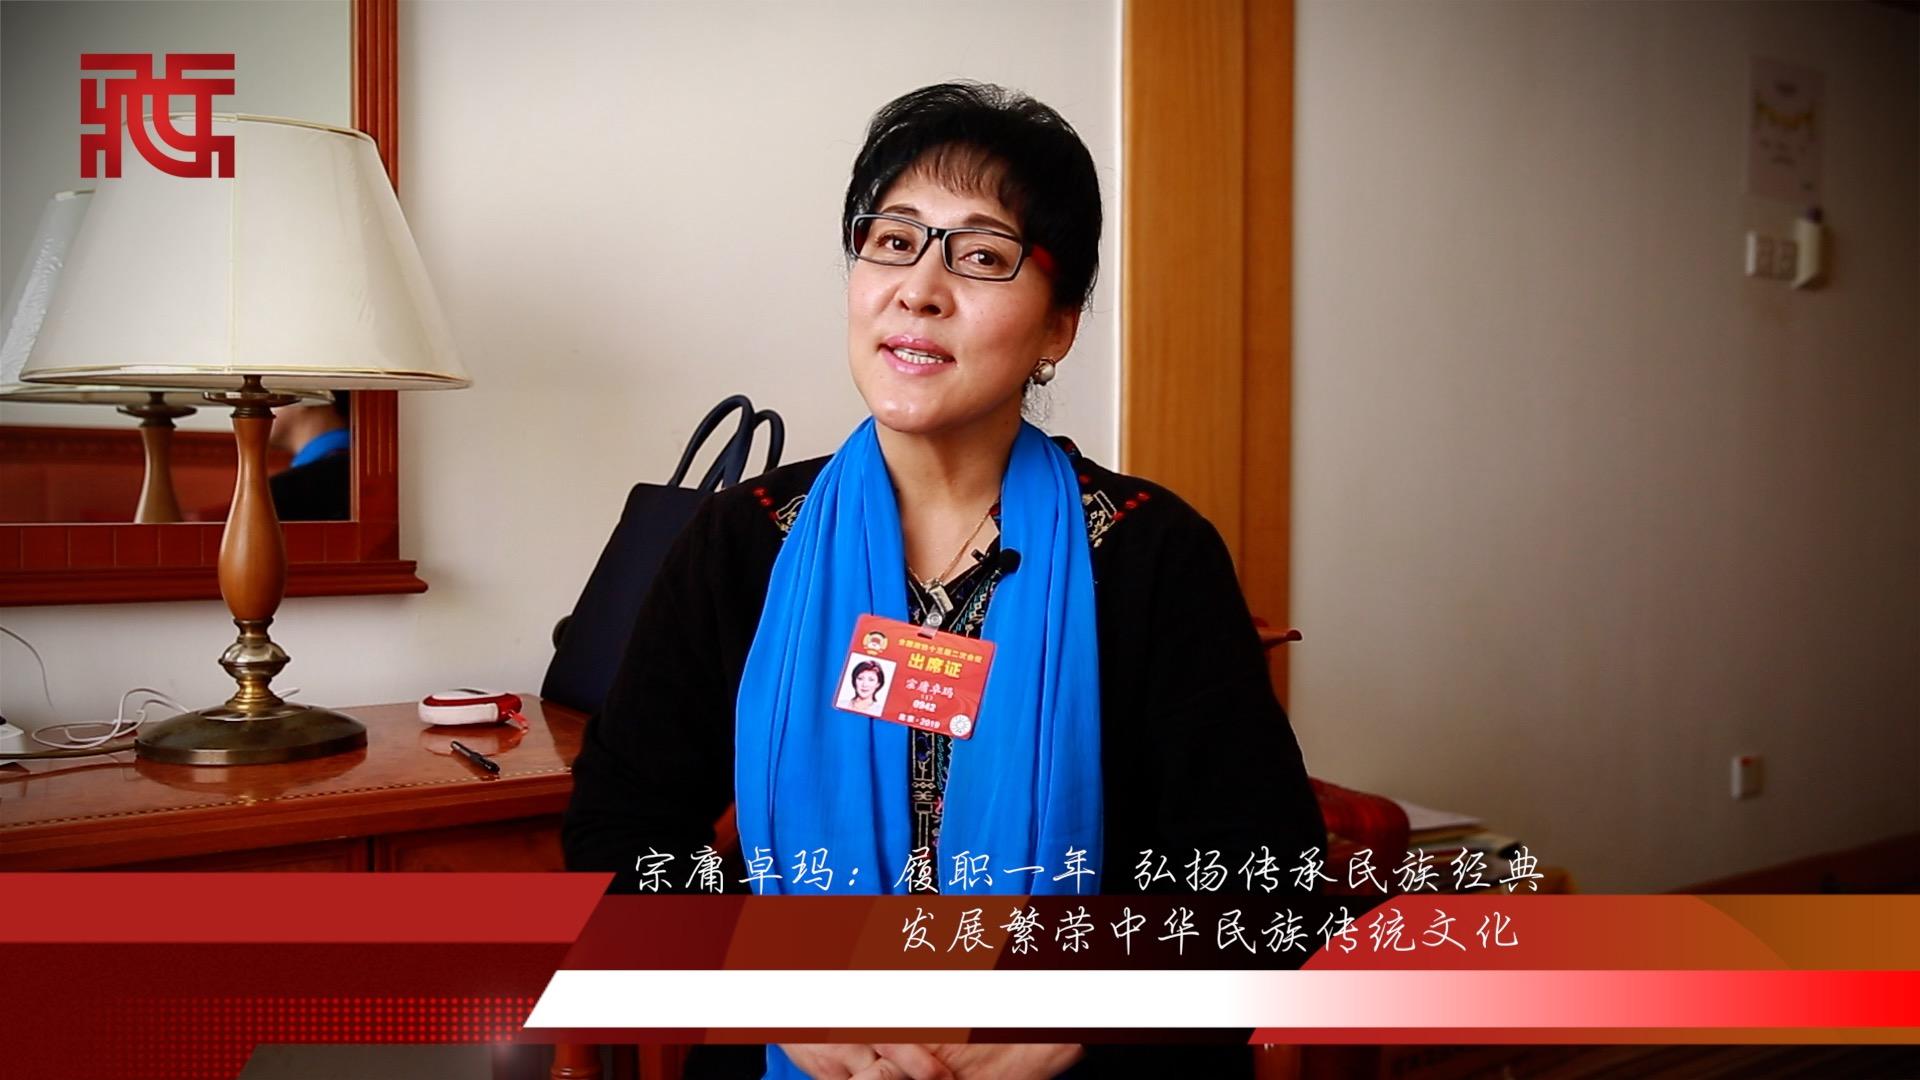 宗庸卓玛:履职一年 弘扬传承民族经典 发展繁荣中华民族传统文化